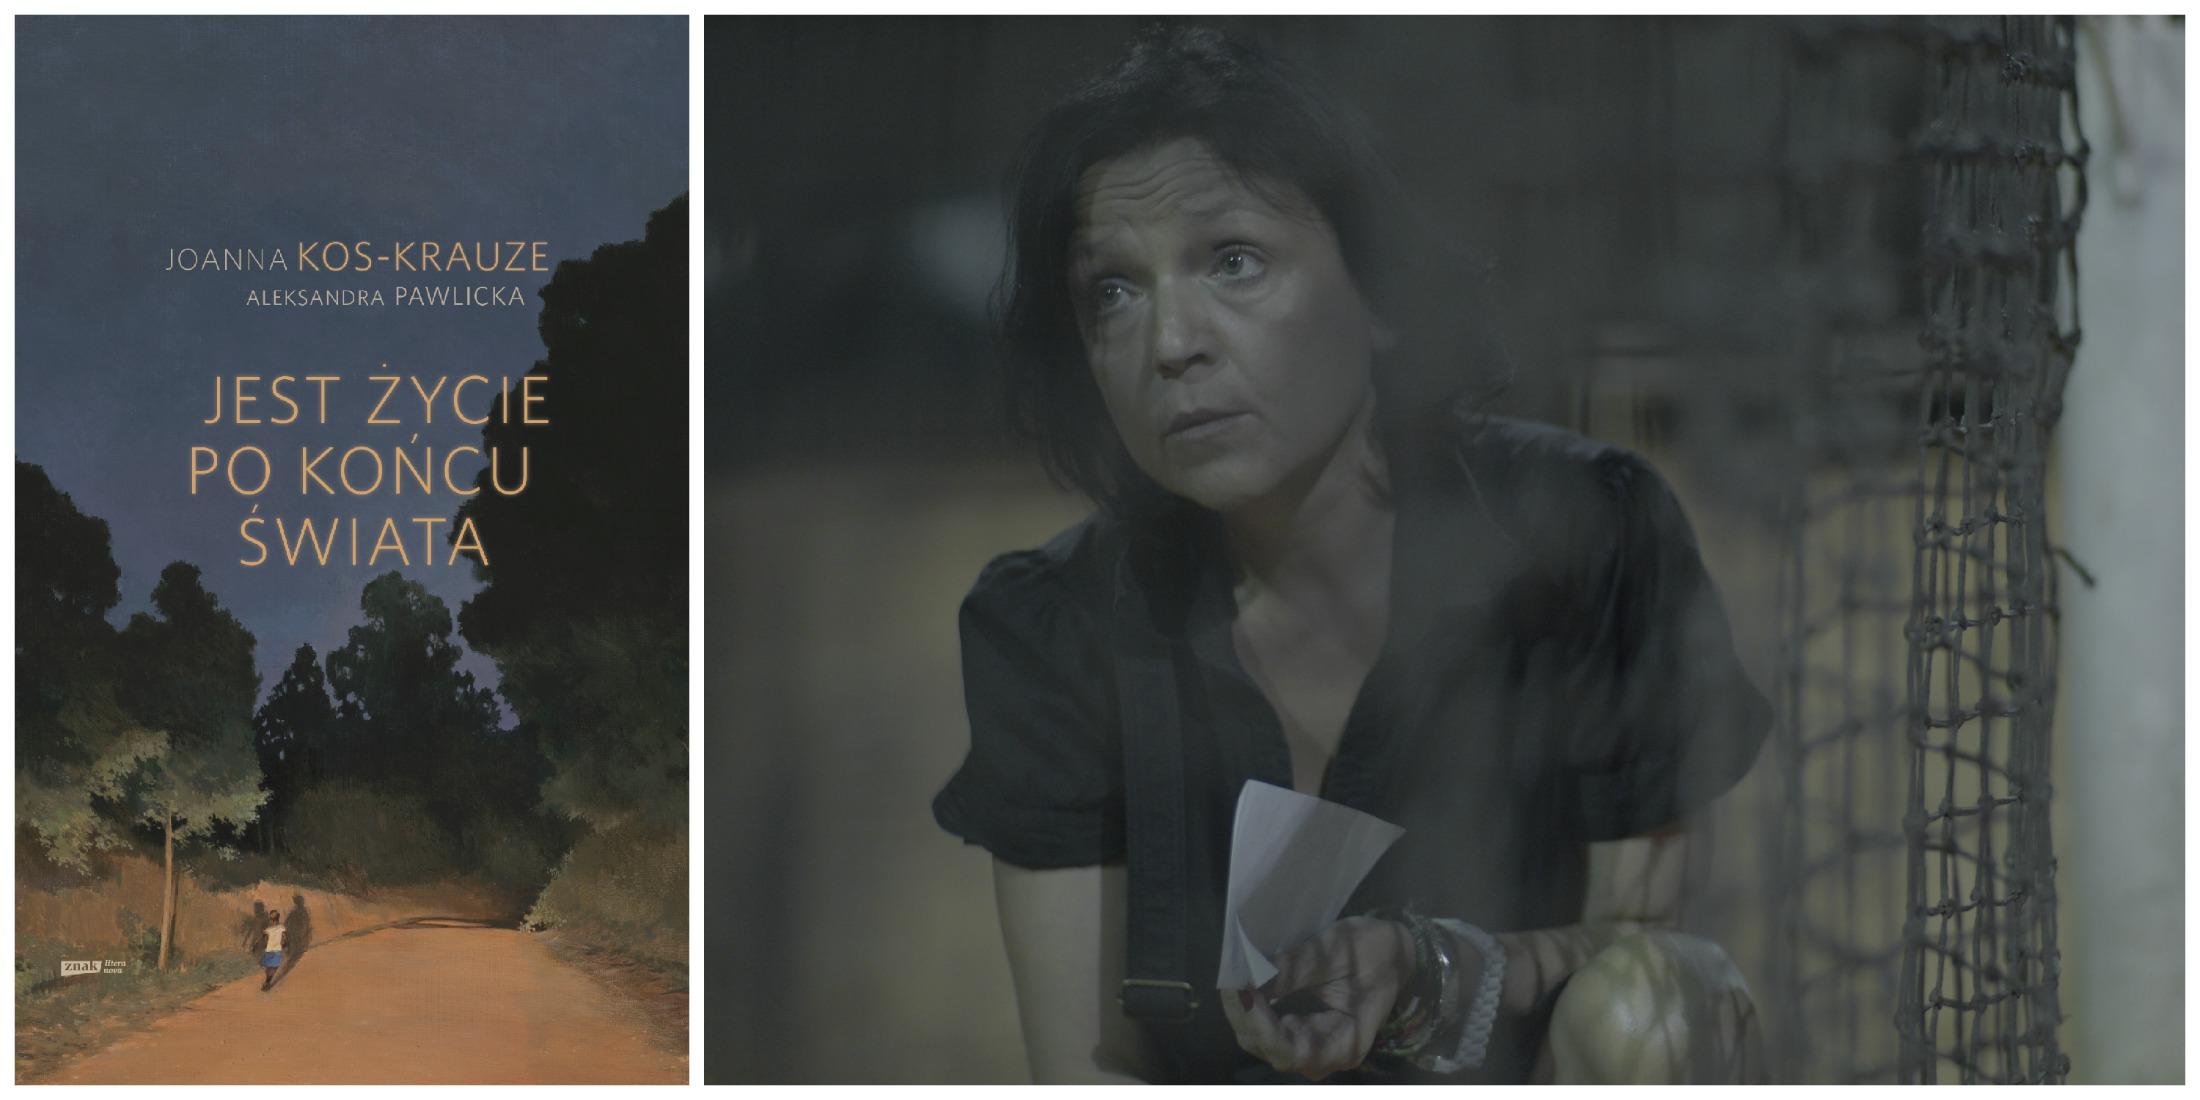 O tym, czego doświadczyła podczas pobytu w Rwandzie, Joanna Kos-Krauze napisała tez książkę. 'Jest życie po końcu świata' ukaże się 27 września (fot. materiały prasowe)